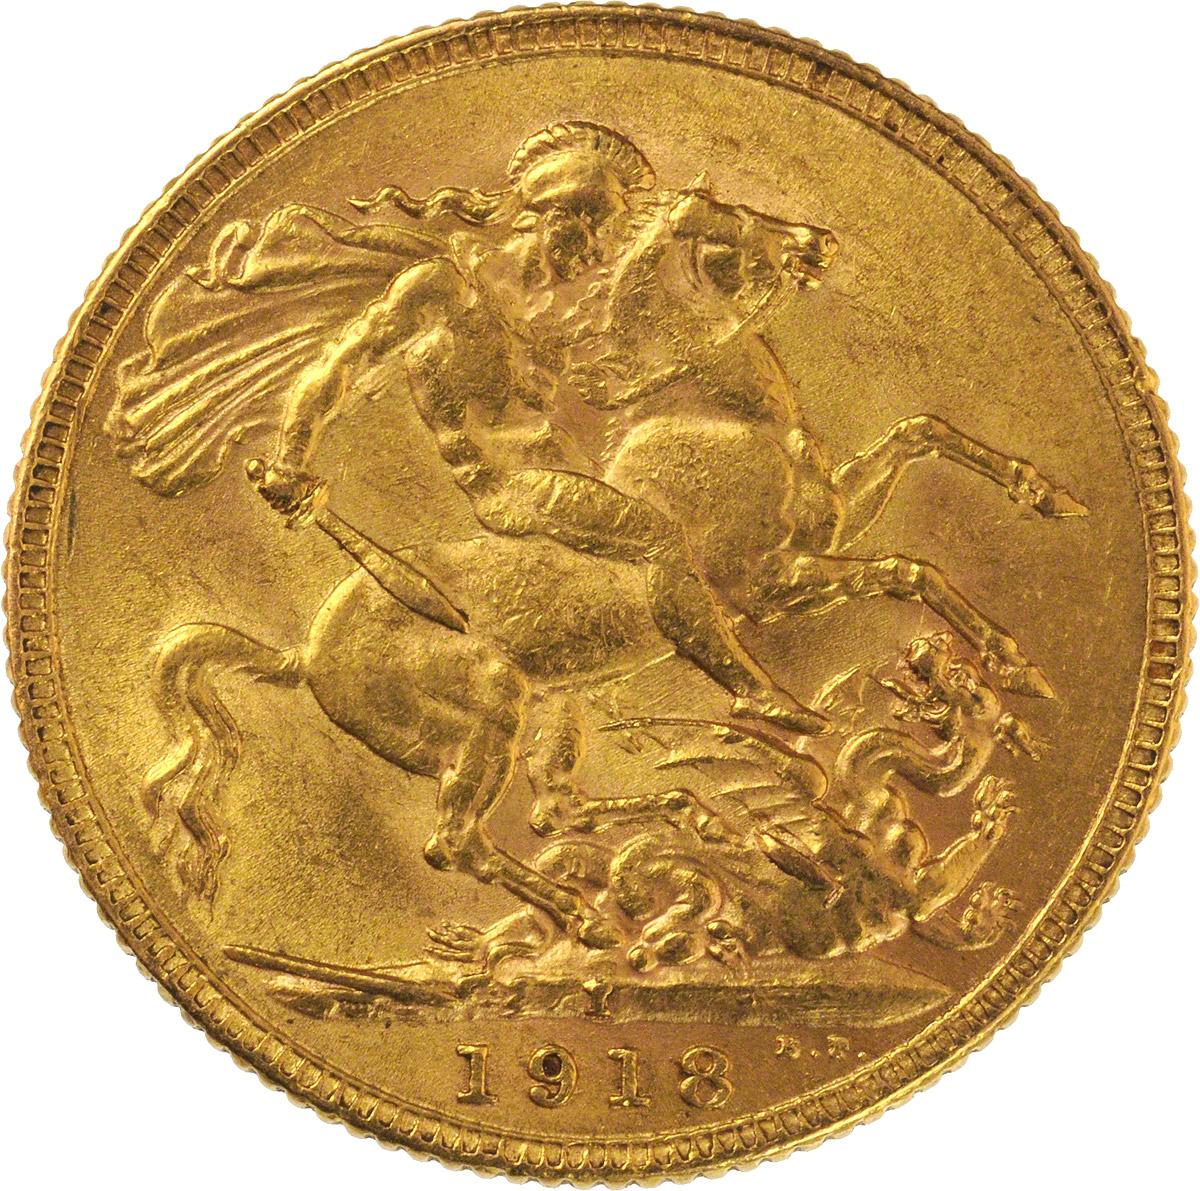 1918 gold sovereign george v st george bombay india mint. Black Bedroom Furniture Sets. Home Design Ideas